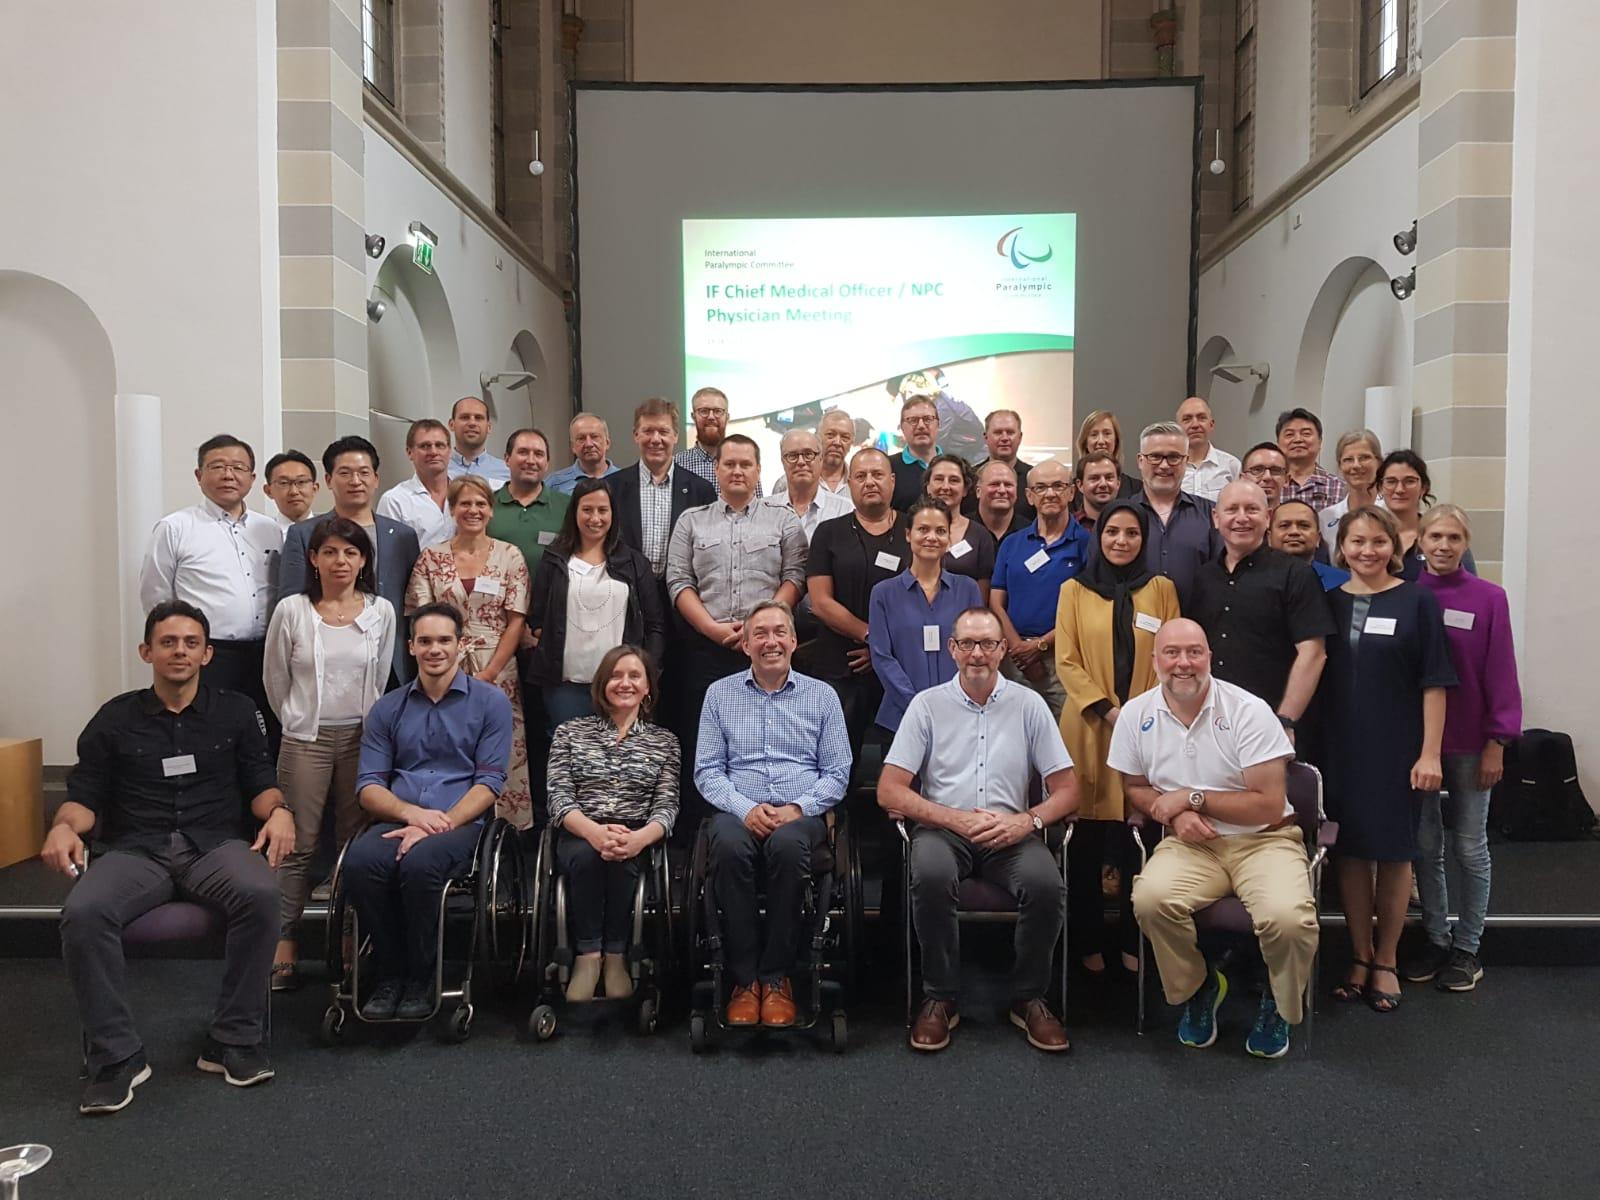 Г.З. Идрисова в г. Бонне (Германия) приняла участие в заседании медицинского комитета Международного паралимпийского комитета